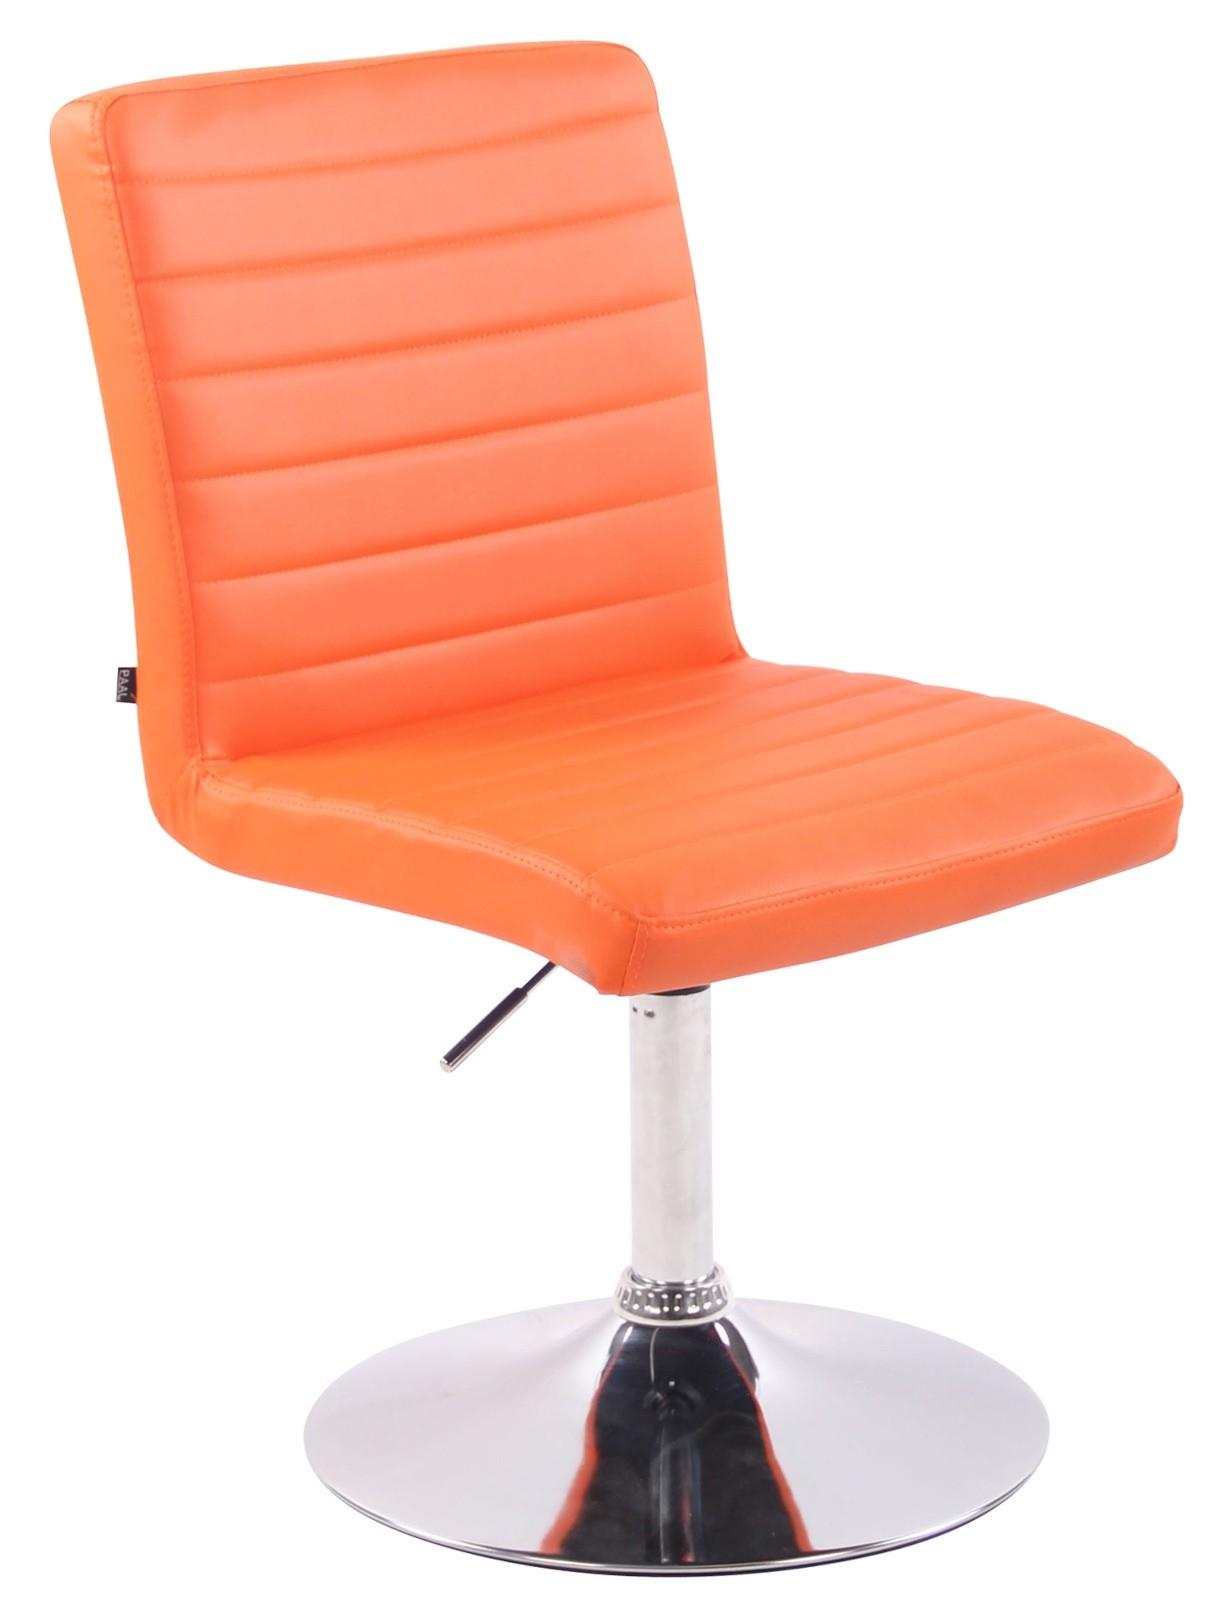 Chaise de salle à manger Elvas en similicuir